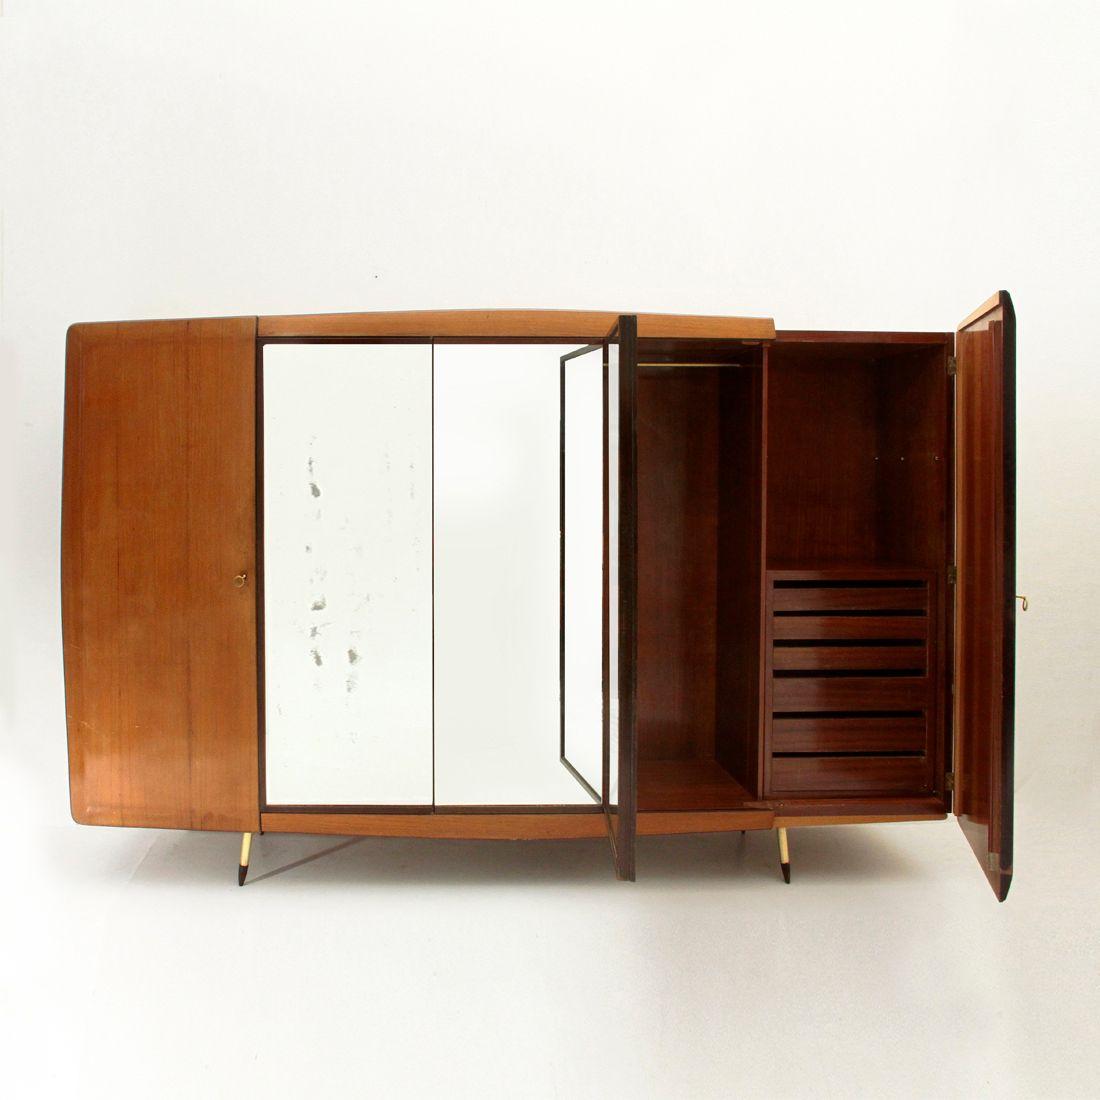 italienischer kleiderschrank mit beinen aus messing von fratelli giussani 1950er bei pamono kaufen. Black Bedroom Furniture Sets. Home Design Ideas